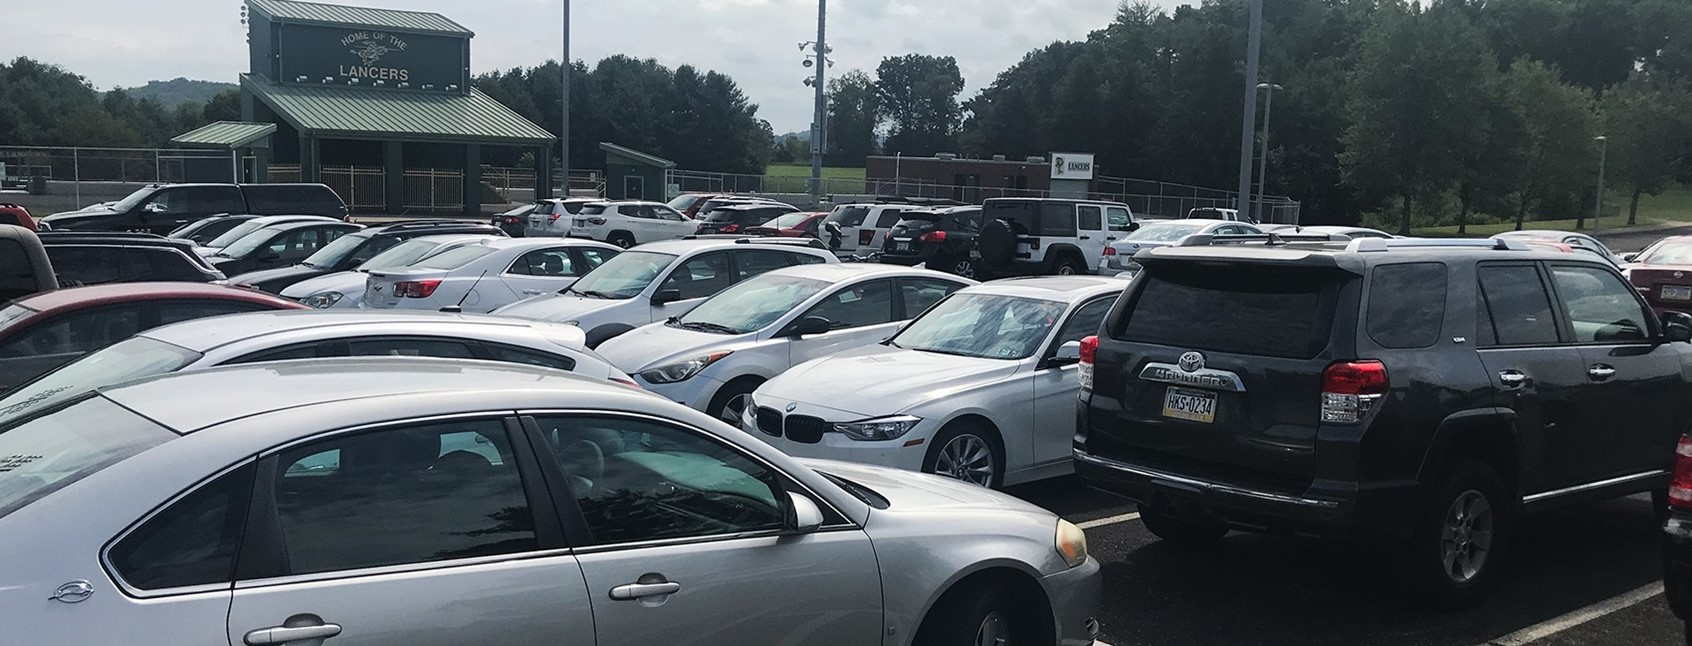 High School Parking Permit Information